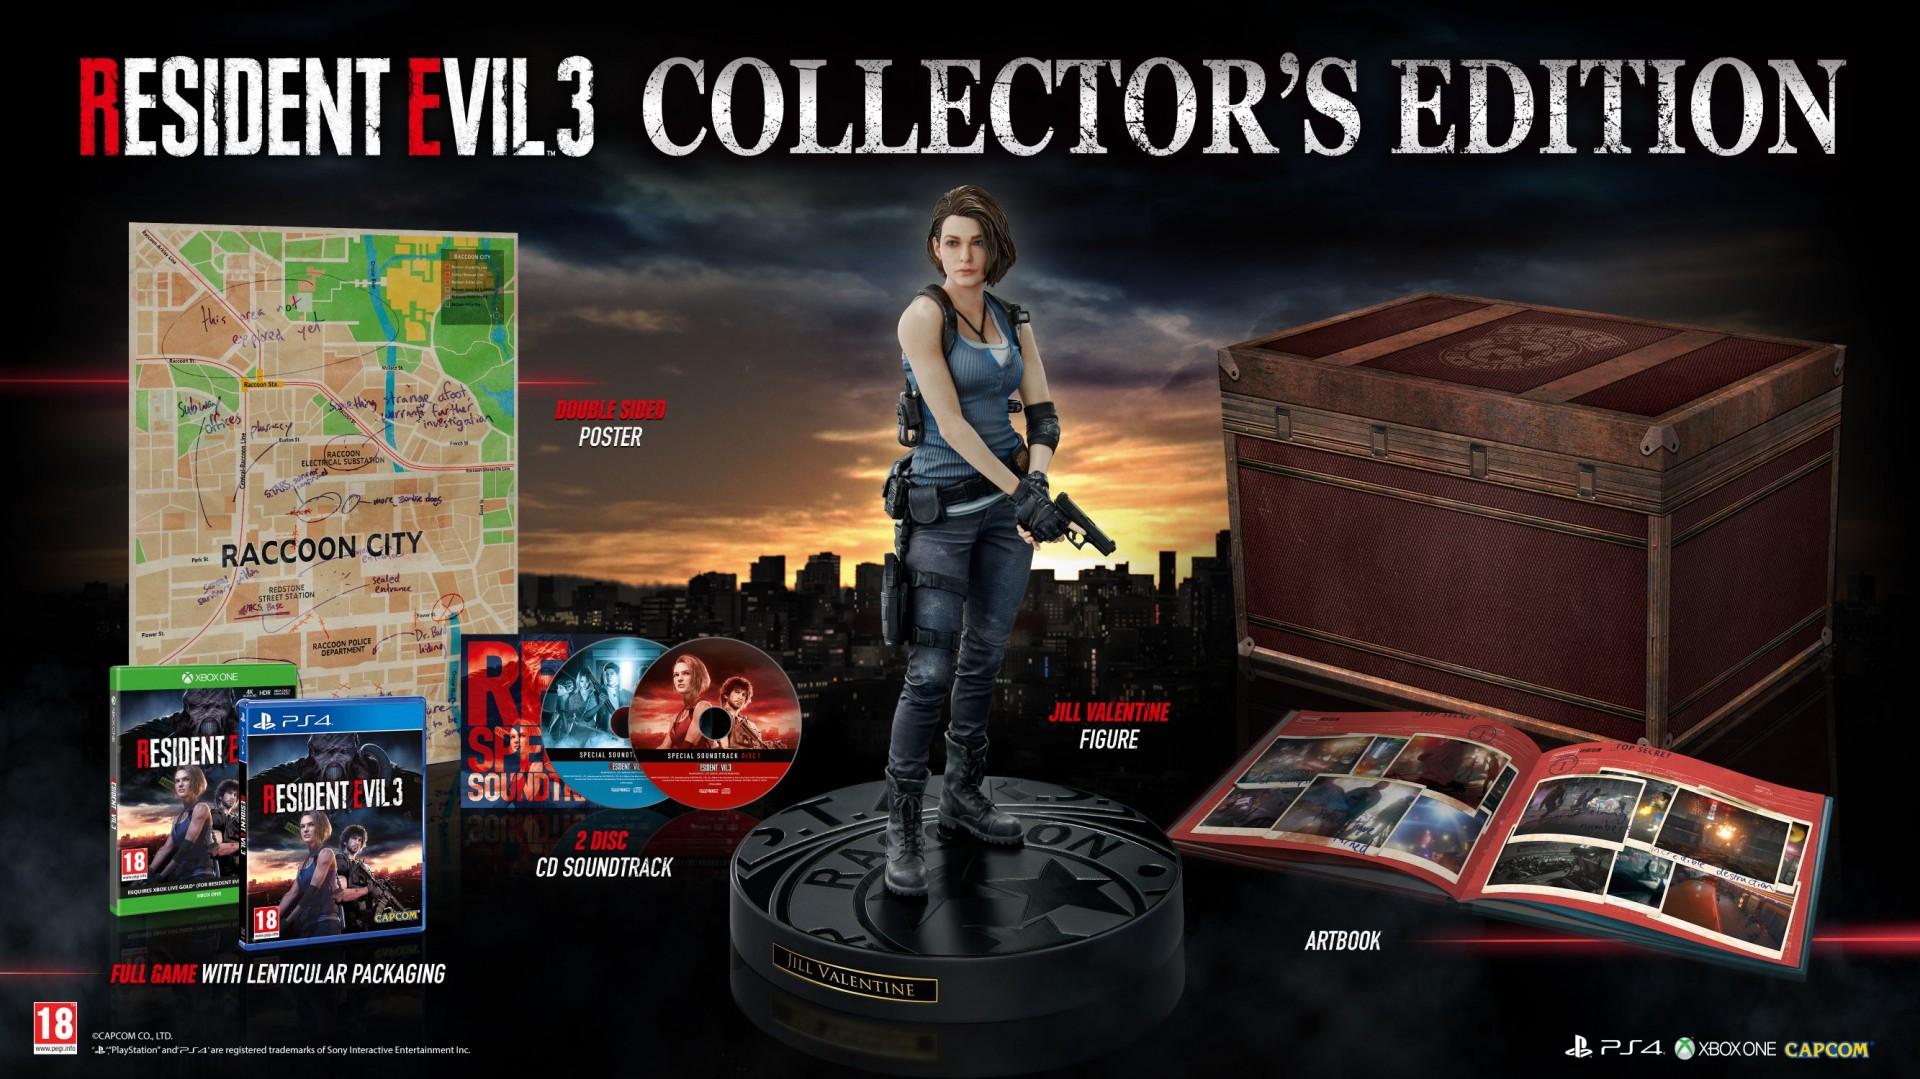 В коллекционном издании ремейка Resident Evil 3 будет фигурка Джилл